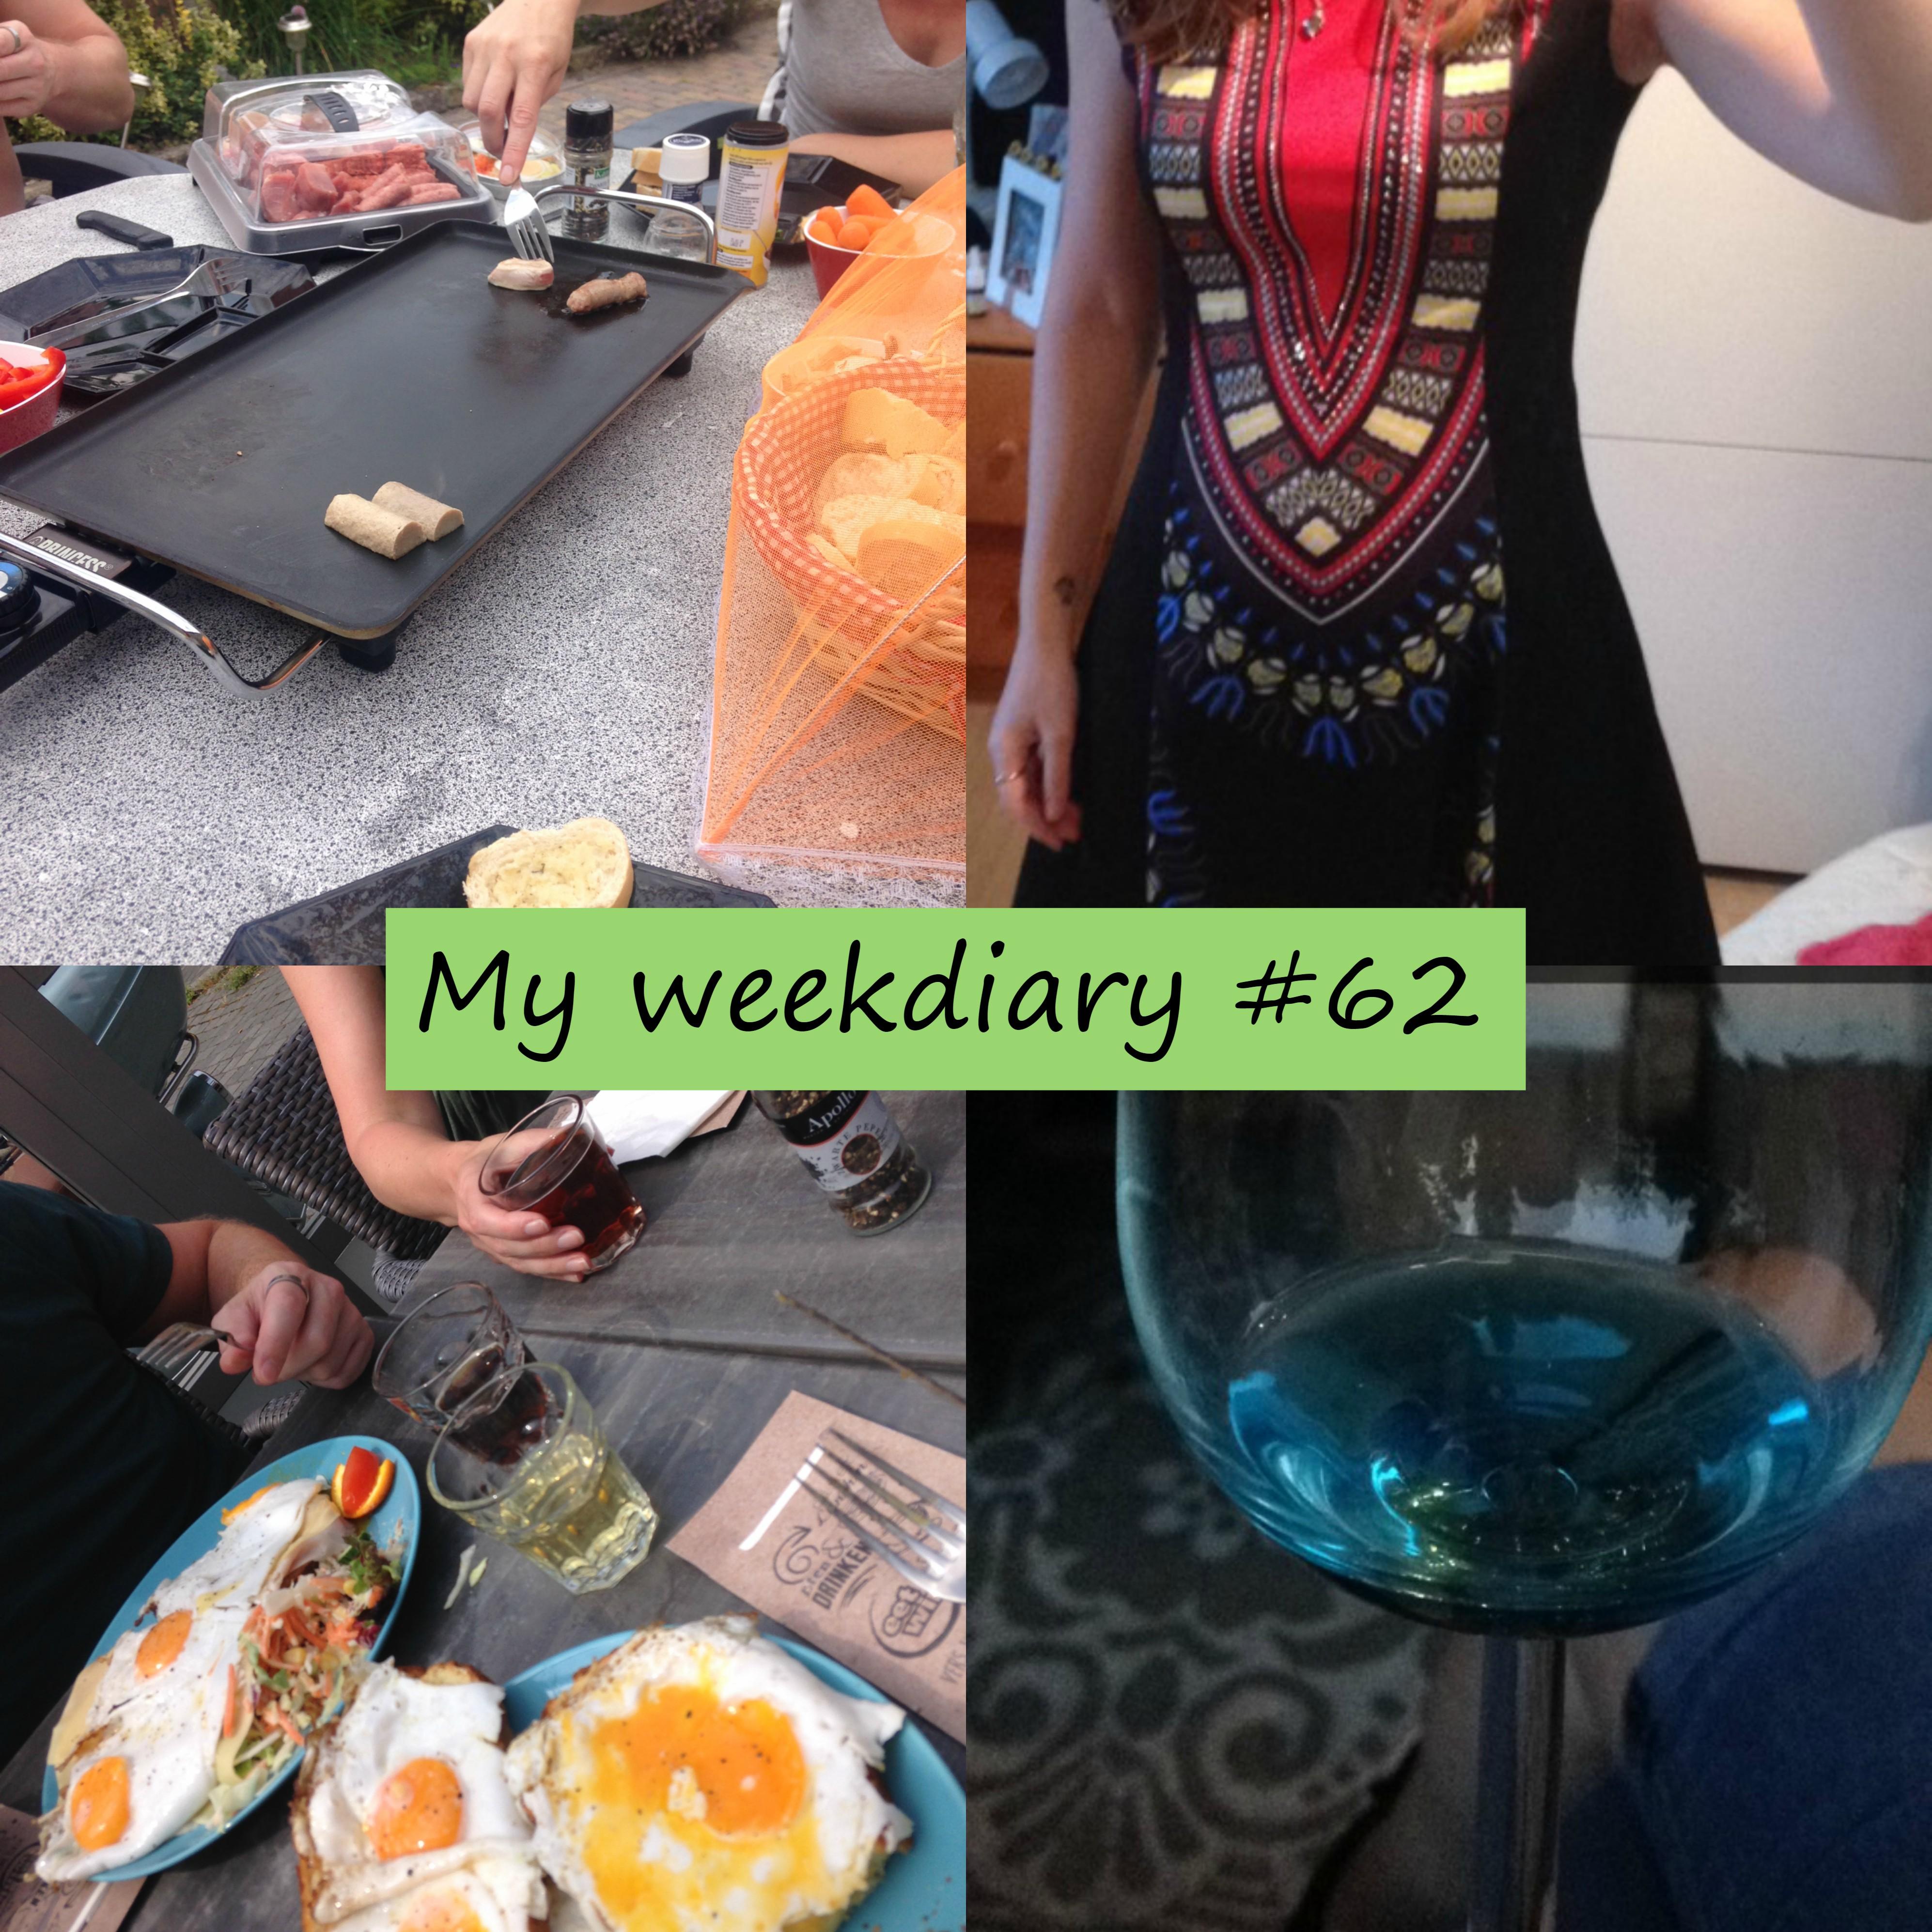 myweekdairy62